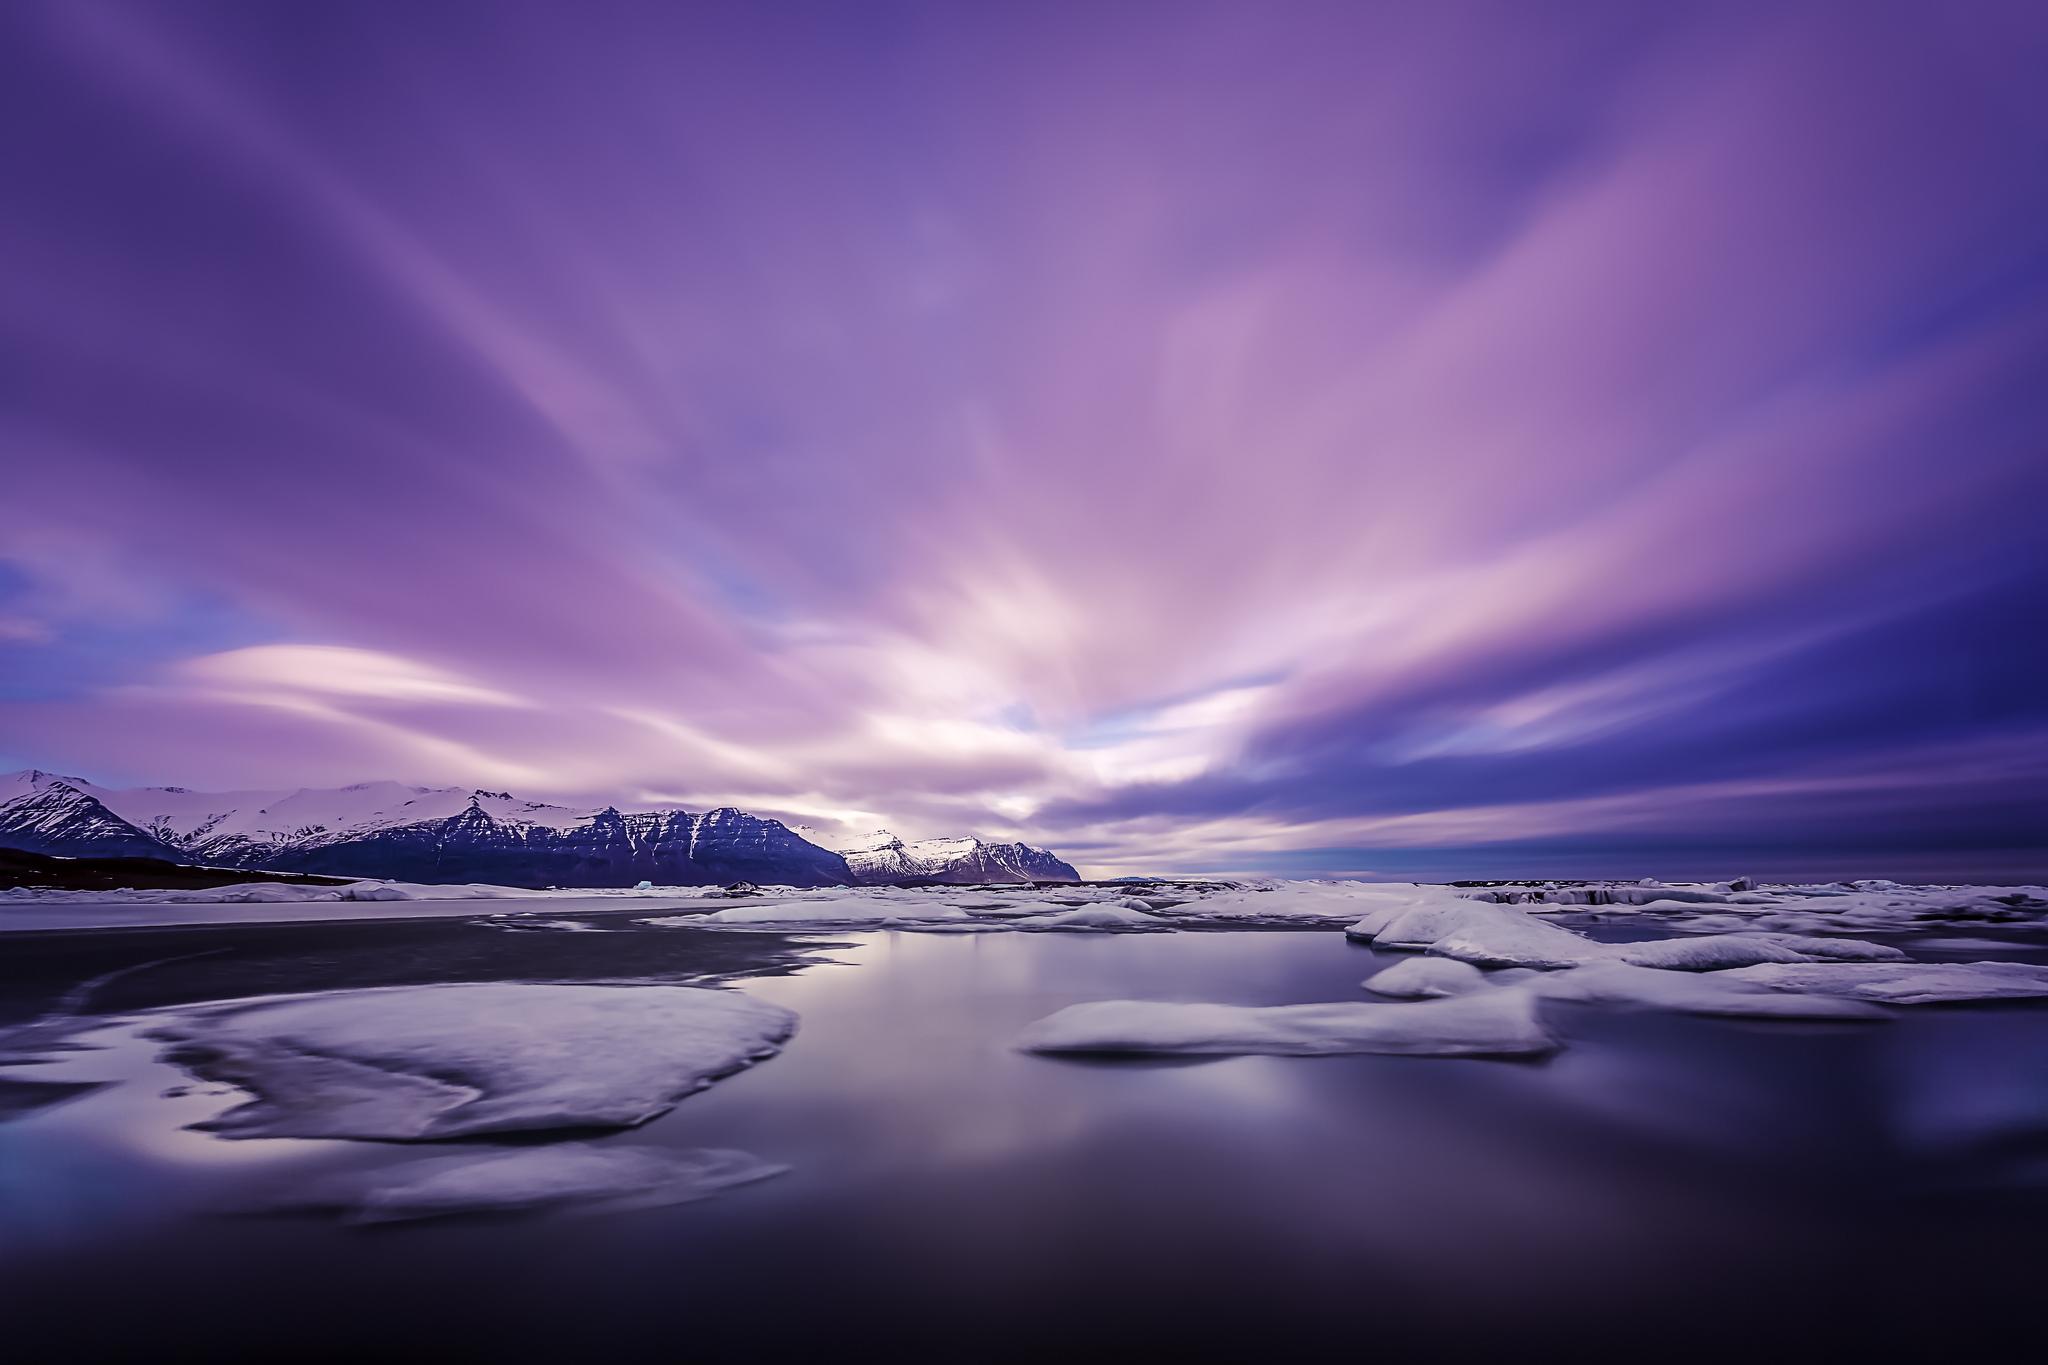 Amanecer purpura - 2048x1365